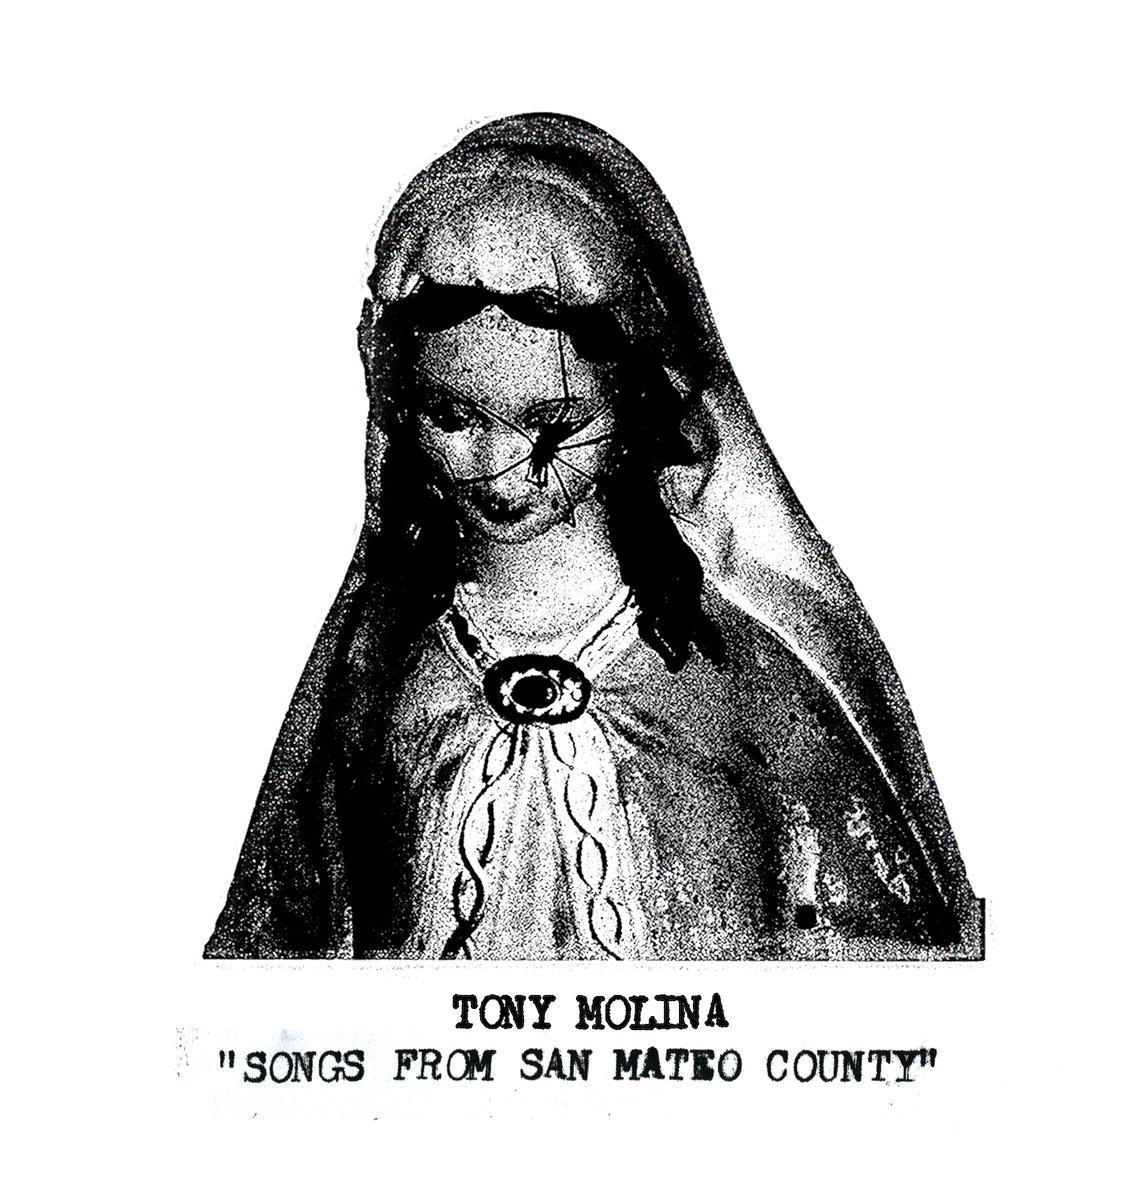 Tony Molina - Songs from San Mateo County LP